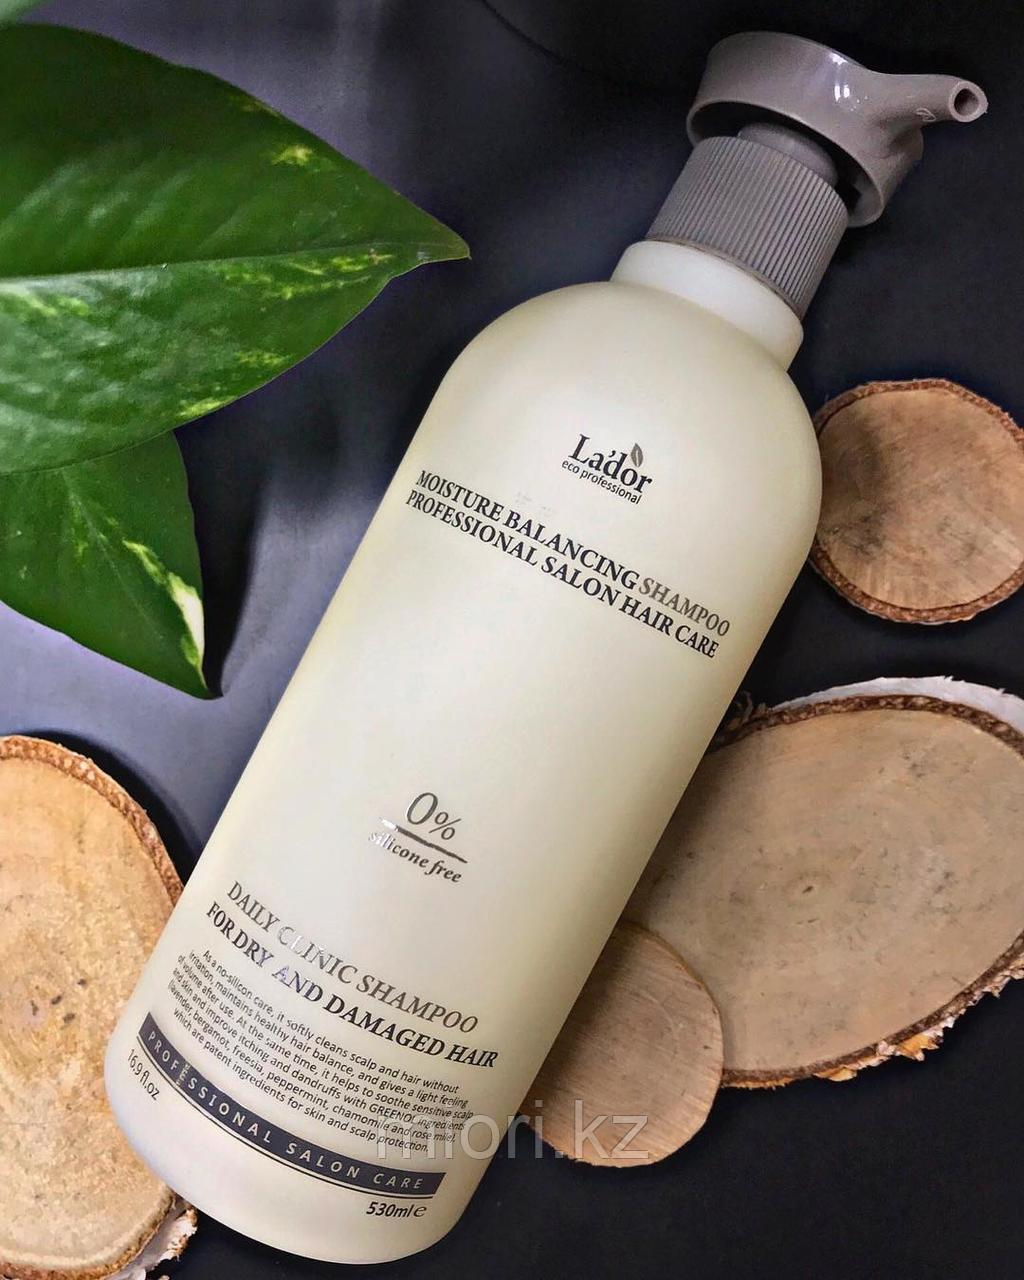 LA'DOR Moisture Balancing Shampoo Профессиональный увлажняющий шампунь без силиконов